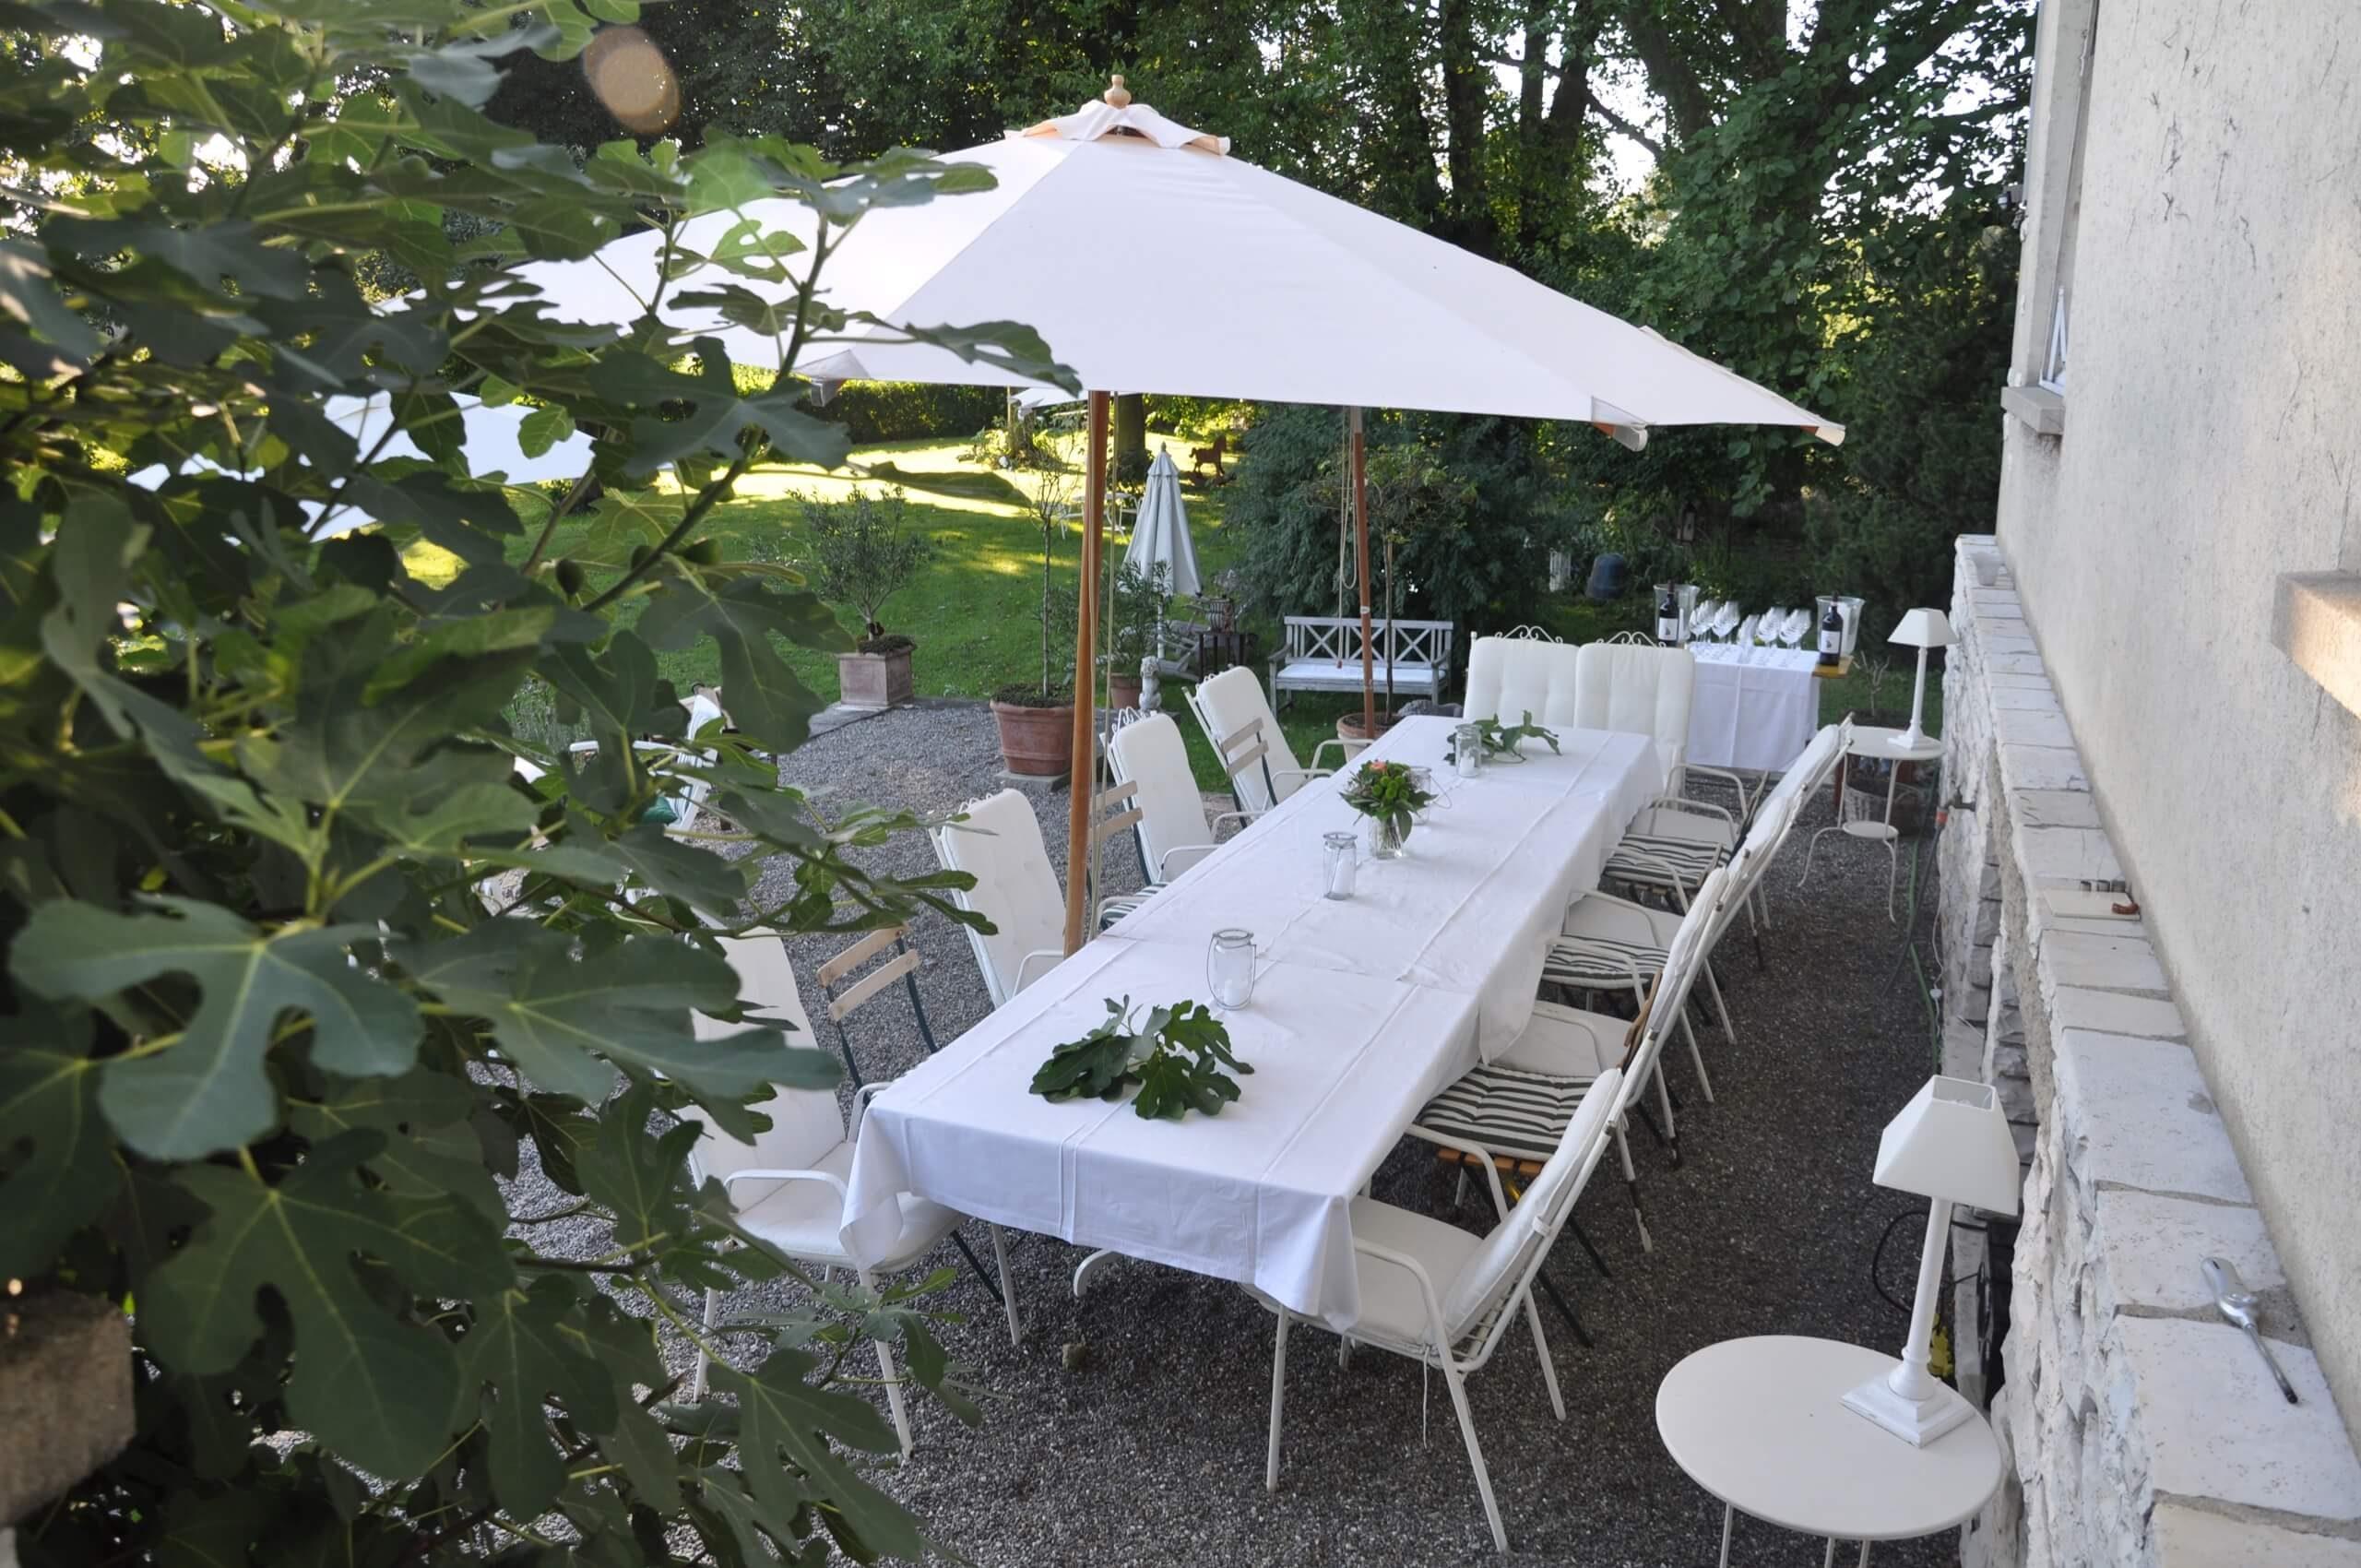 die Villa Terrasse Abendessen